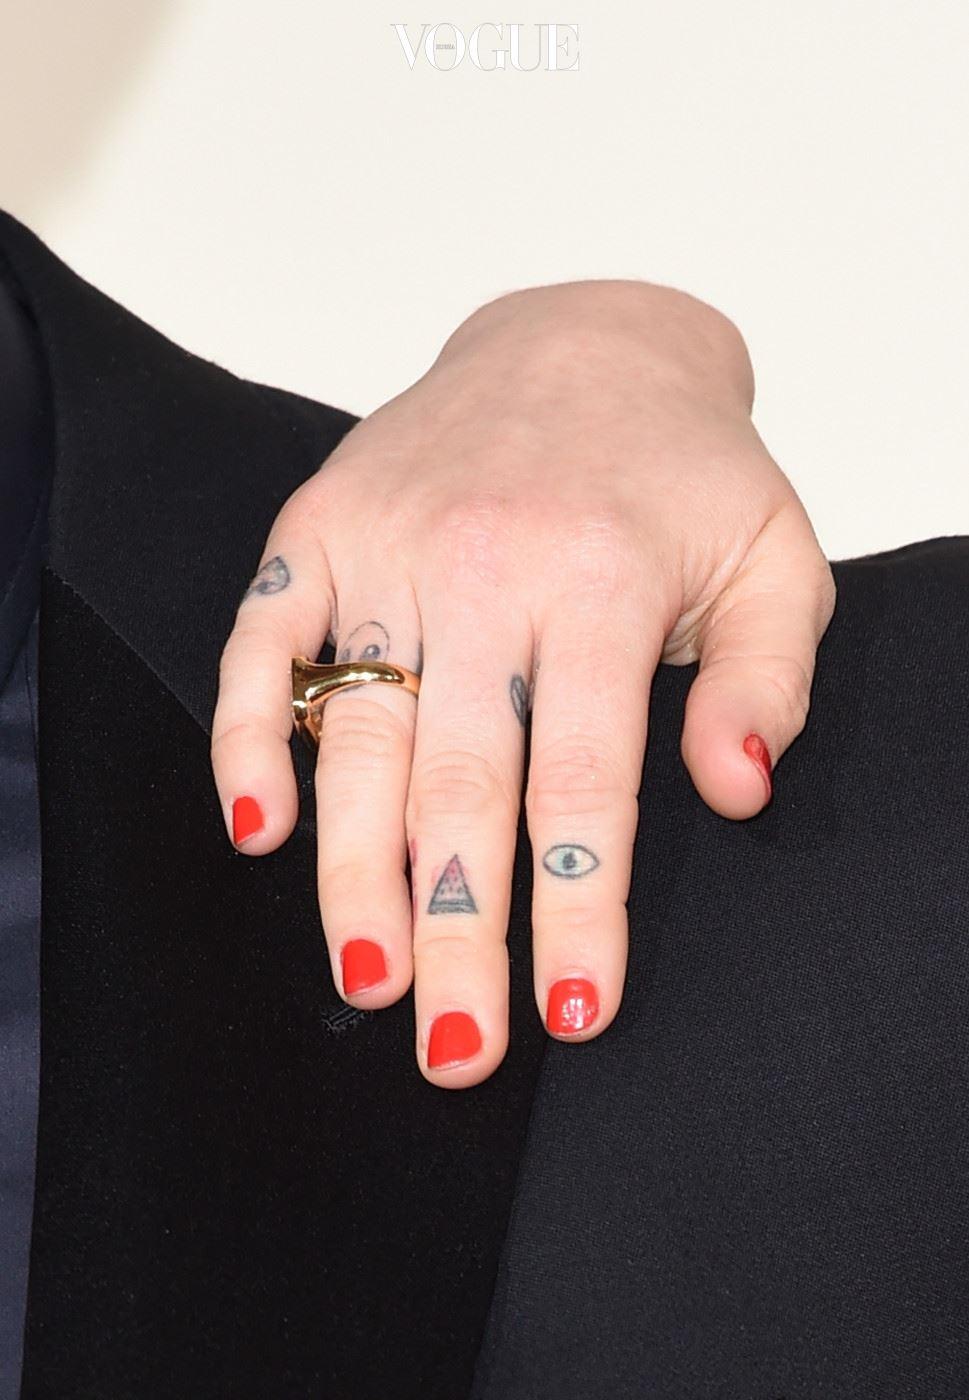 마일리는 가족과 가깝기로 유명합니다. 아빠가 엄지손가락과 집게 손가락 사이에 새겨 넣은 '하트' 모양 타투를 보고, 마일리 역시 새끼 손가락에 같은 모양을 새겼습니다. 가족 일원 모두가 하트 모양 타투를 가지고 있는데, 그녀의 엄마 레티카는 새끼 손가락에, 언니 브랜디는 아빠와 같은 자리에, 오빠 사이러스 역시 엄지 손가락에 갖고 있습니다.